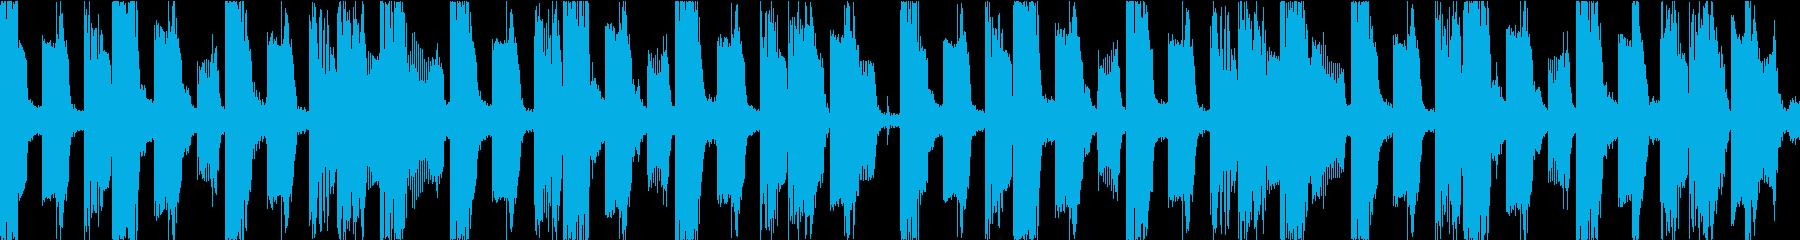 BGM03 シンセ 15秒ループの再生済みの波形